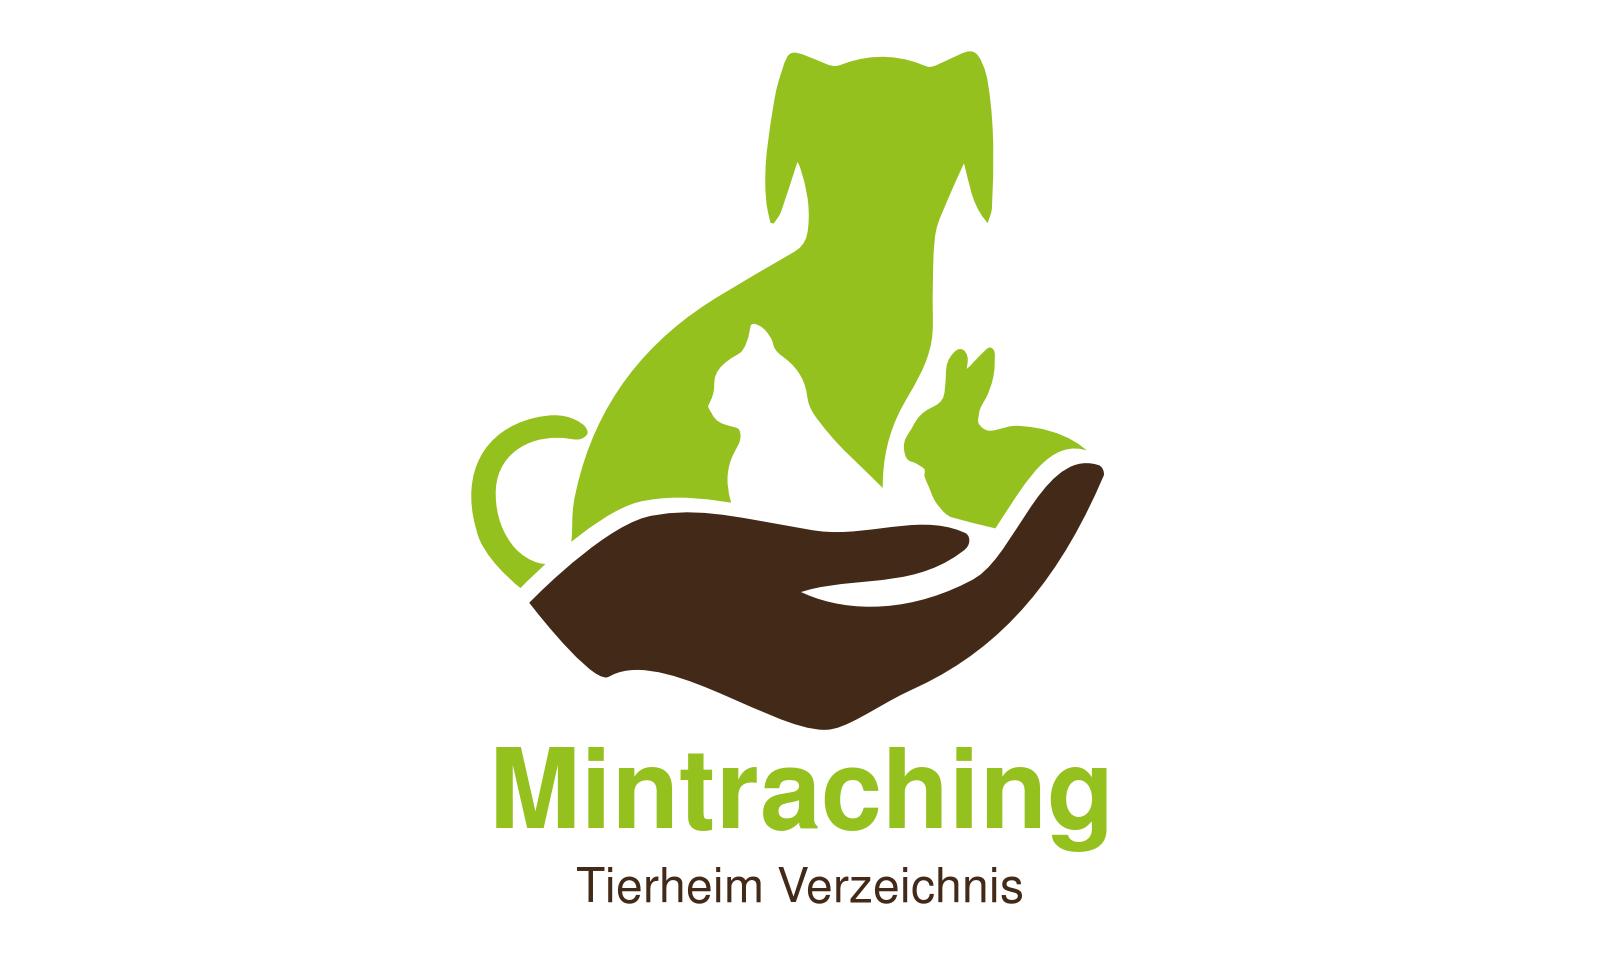 Tierheim Mintraching